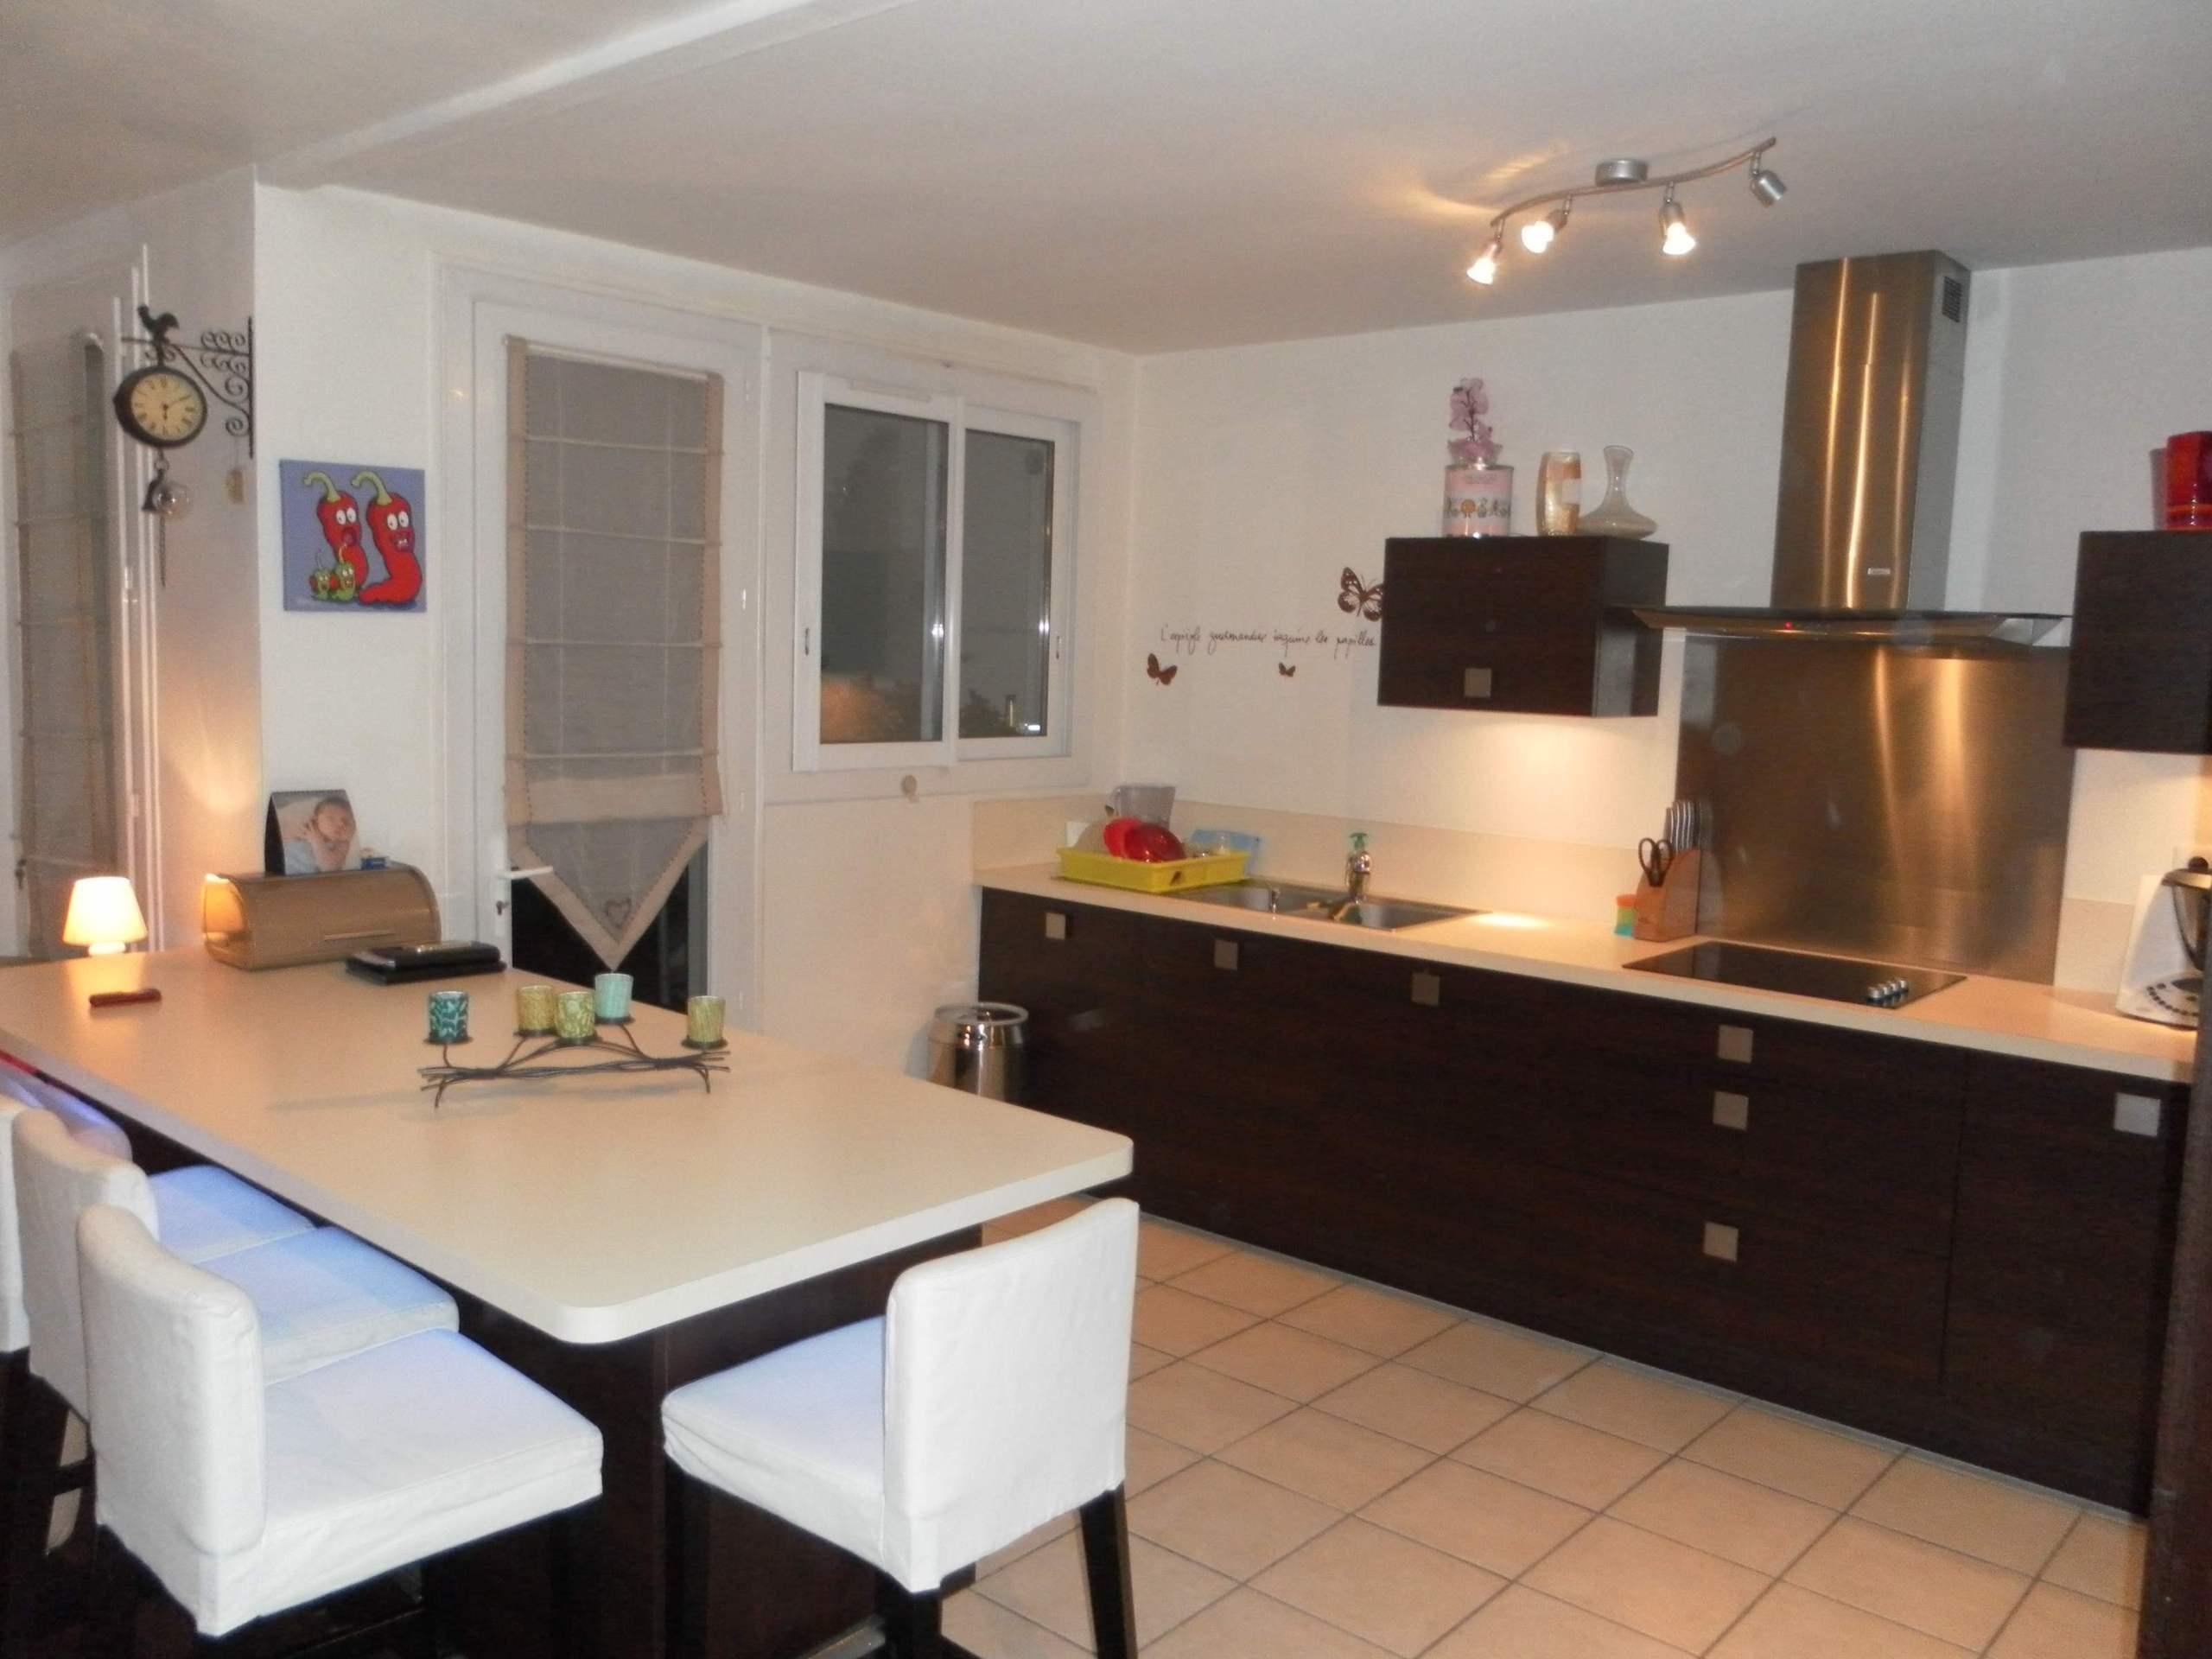 achat appartement mes imp ratifs avant tout. Black Bedroom Furniture Sets. Home Design Ideas